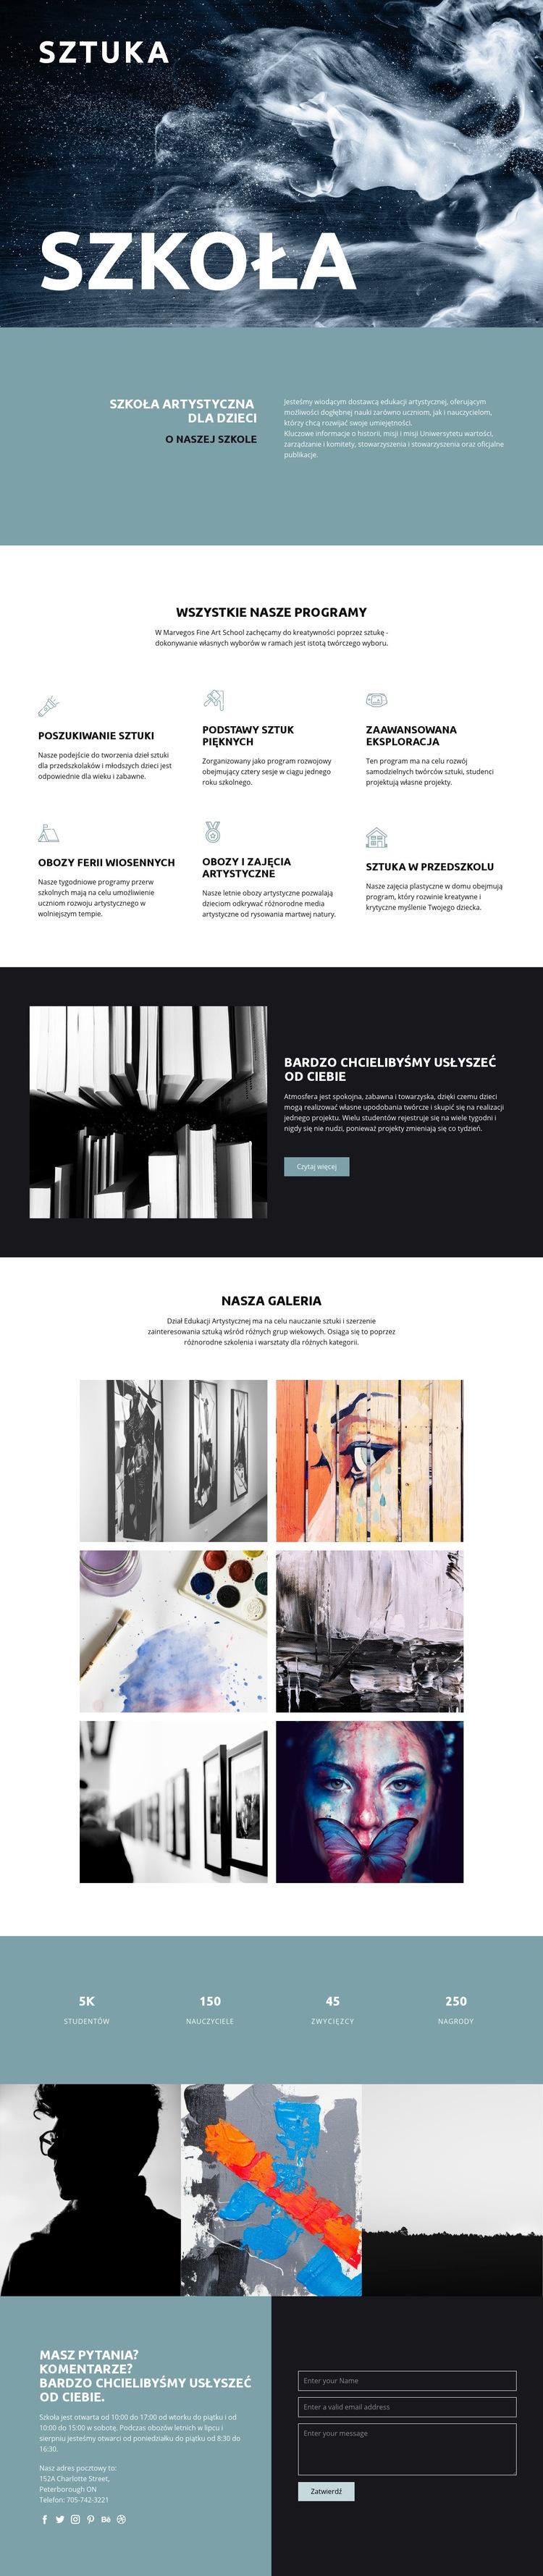 Szkoła edukacji artystycznej Szablon witryny sieci Web